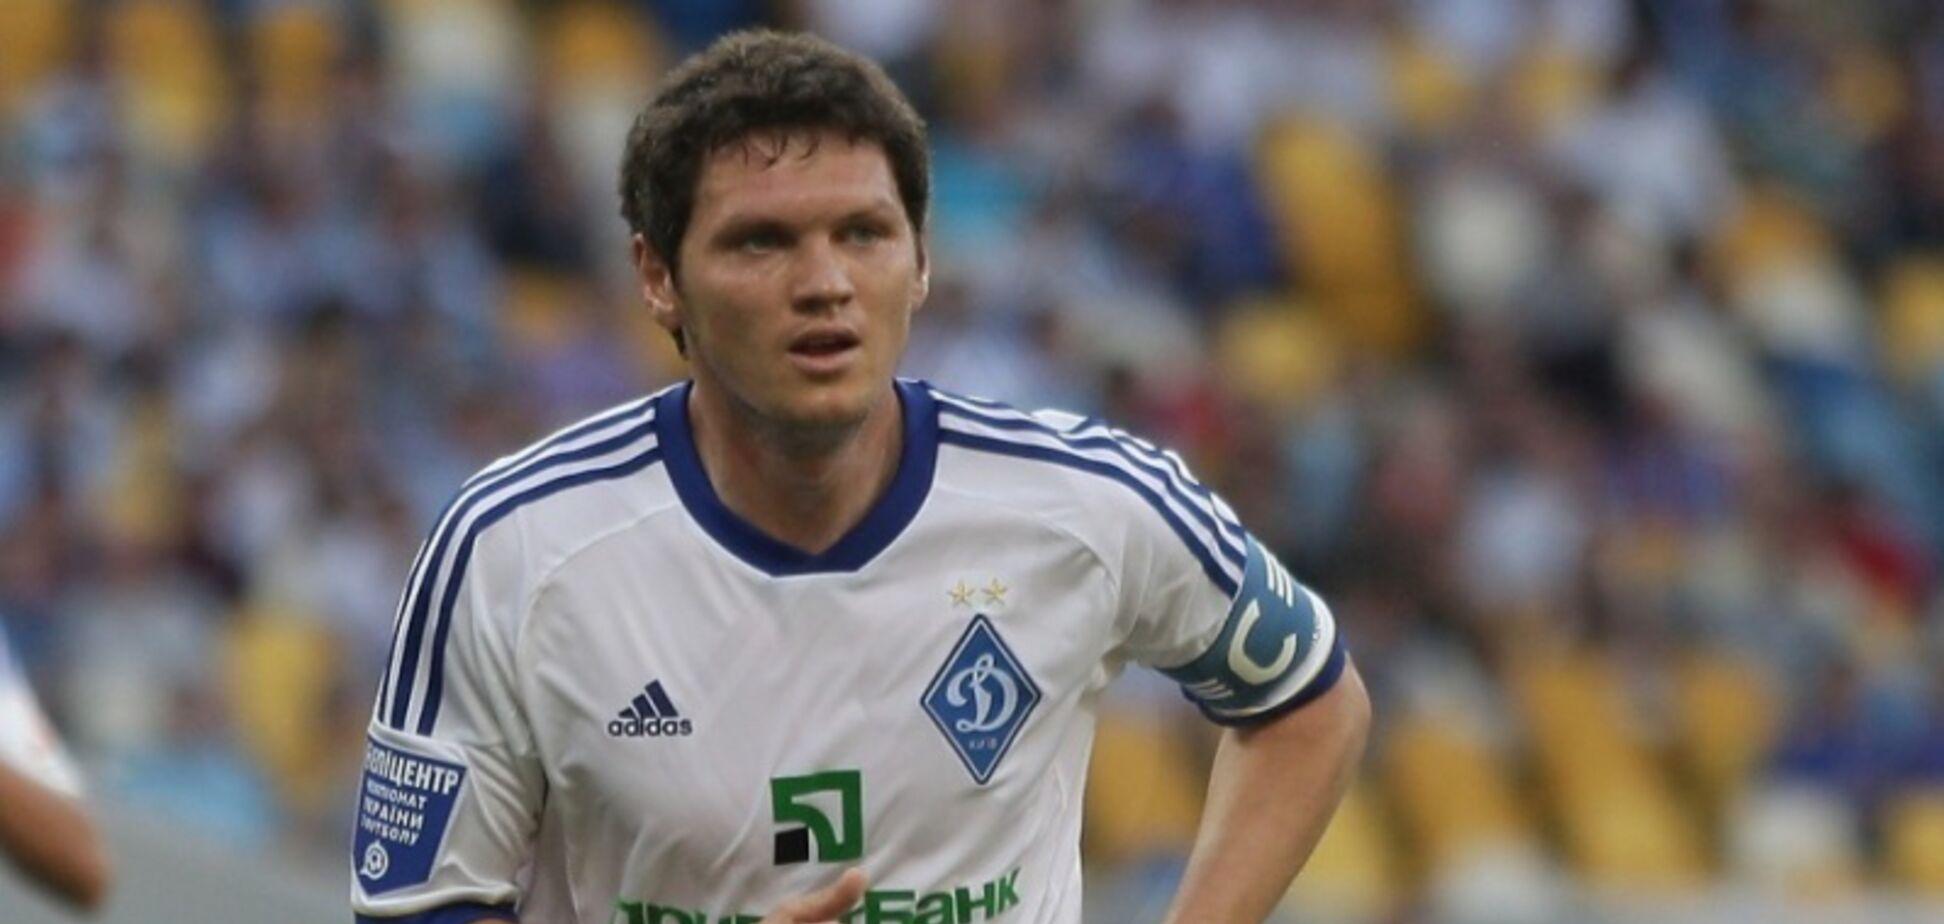 Экс-футболист сборной Украины объявил о завершении карьеры